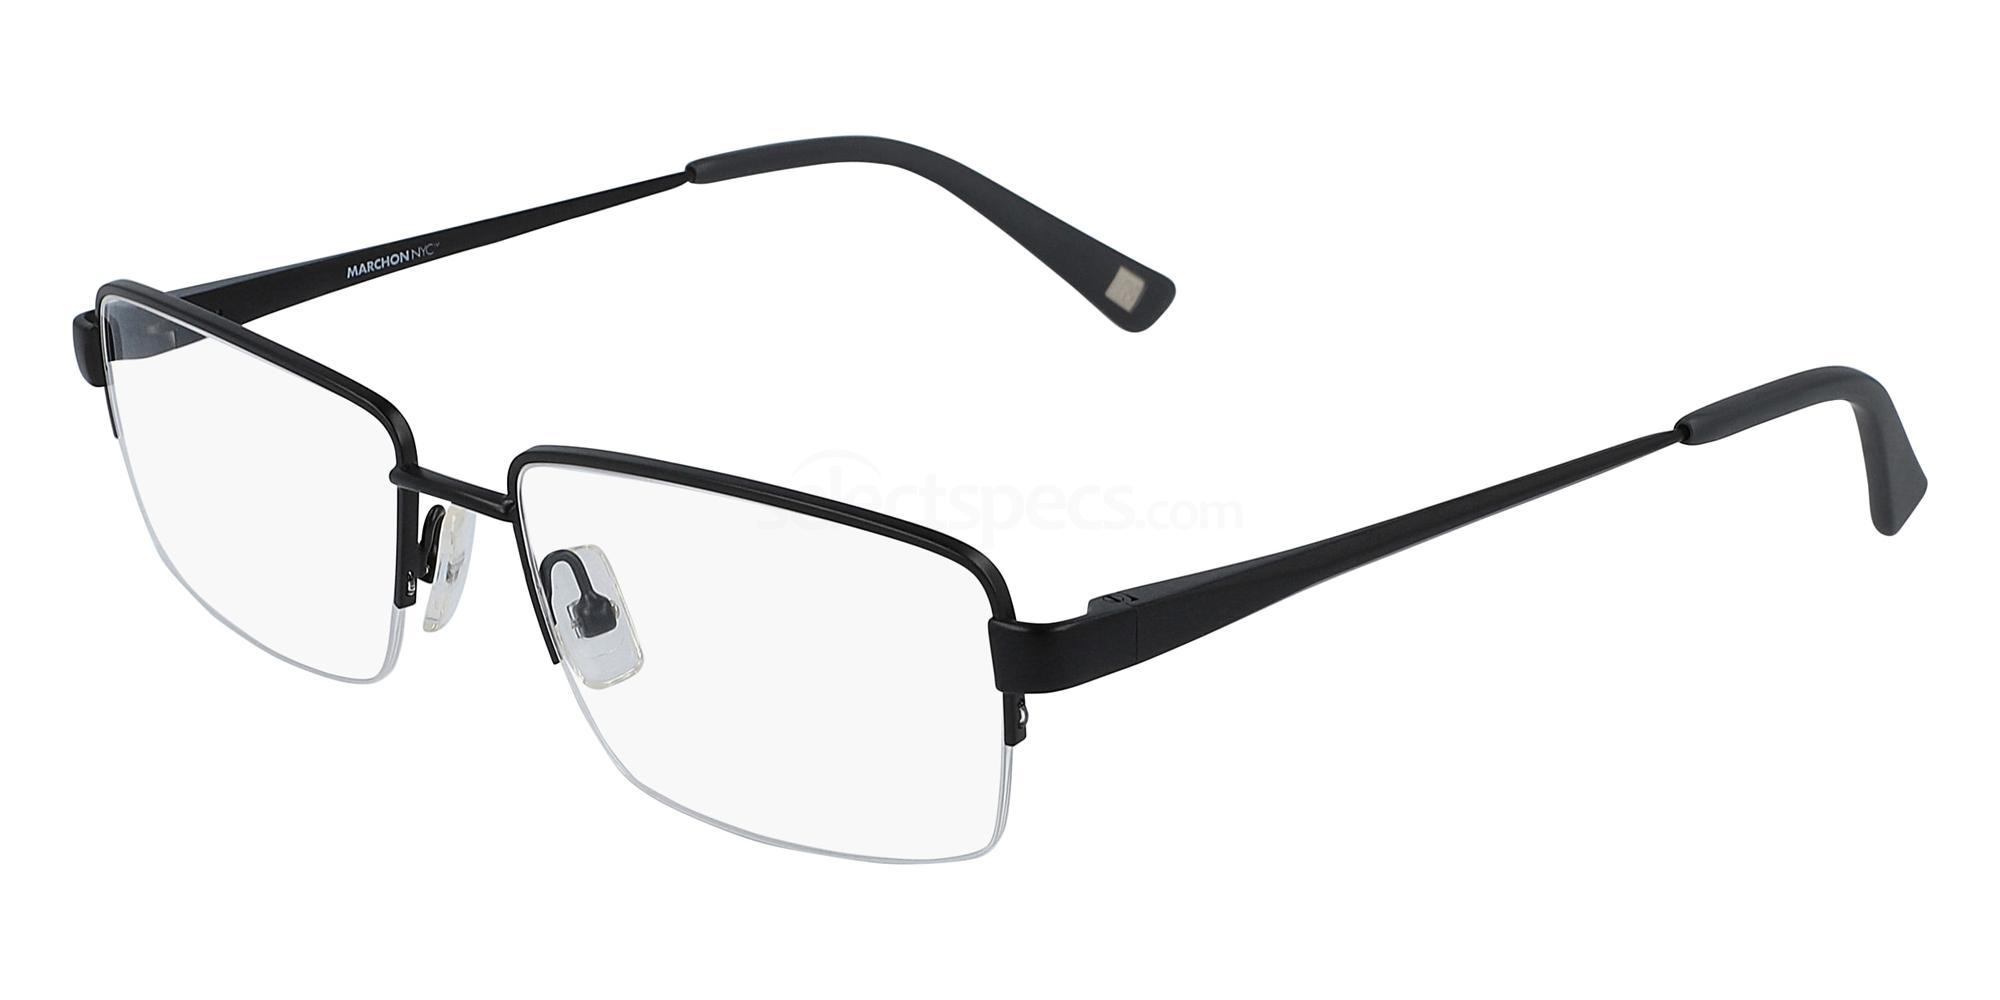 001 M-2005 Glasses, Marchon